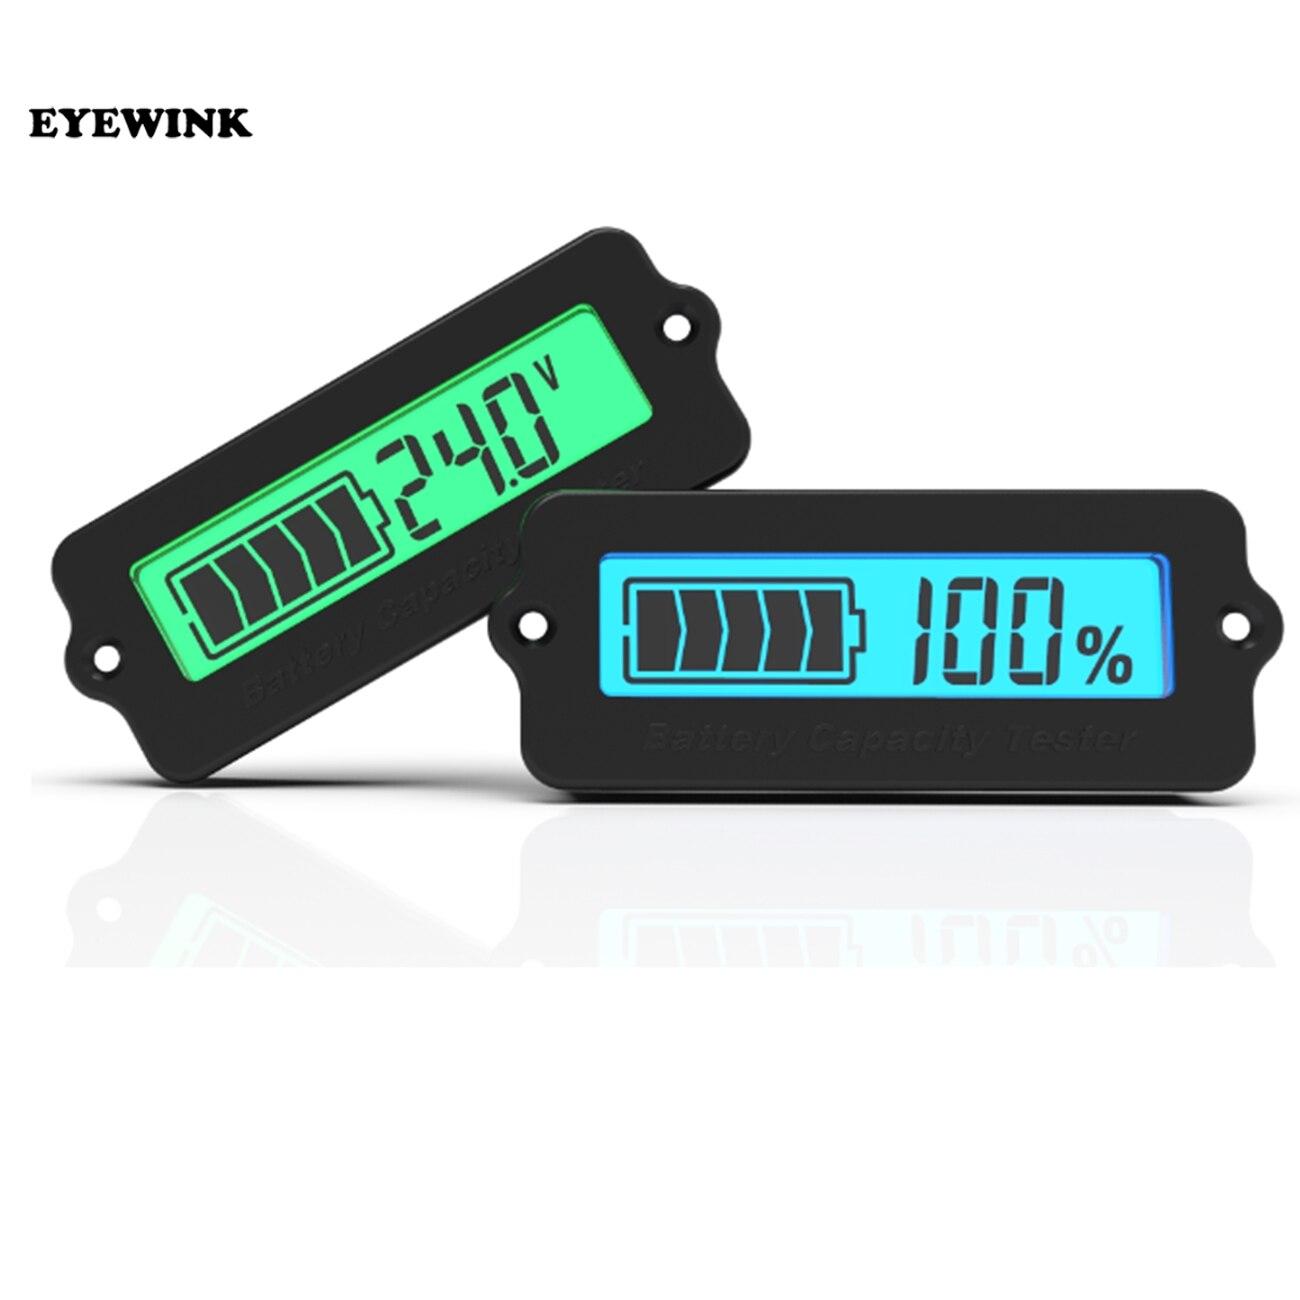 12V LY6W plomo y ácido capacidad de la batería Indicador de azul dígito de LCD pantalla medidor de batería de litio nivel Detector Tester